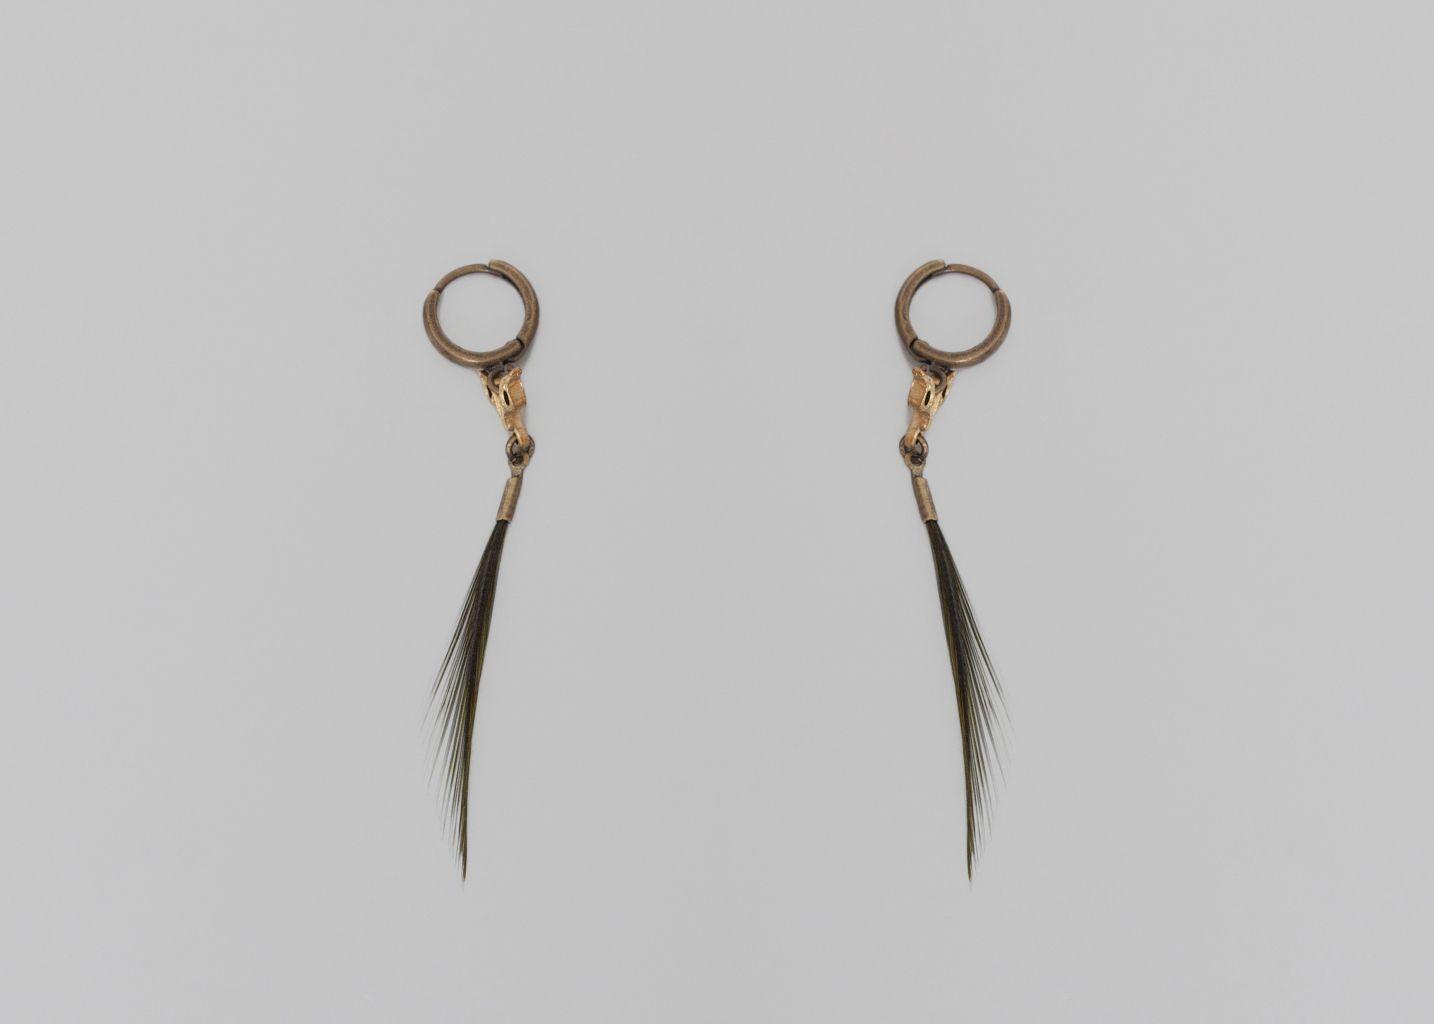 Boucles d'Oreilles Zephyr - Amanda Kaiserman